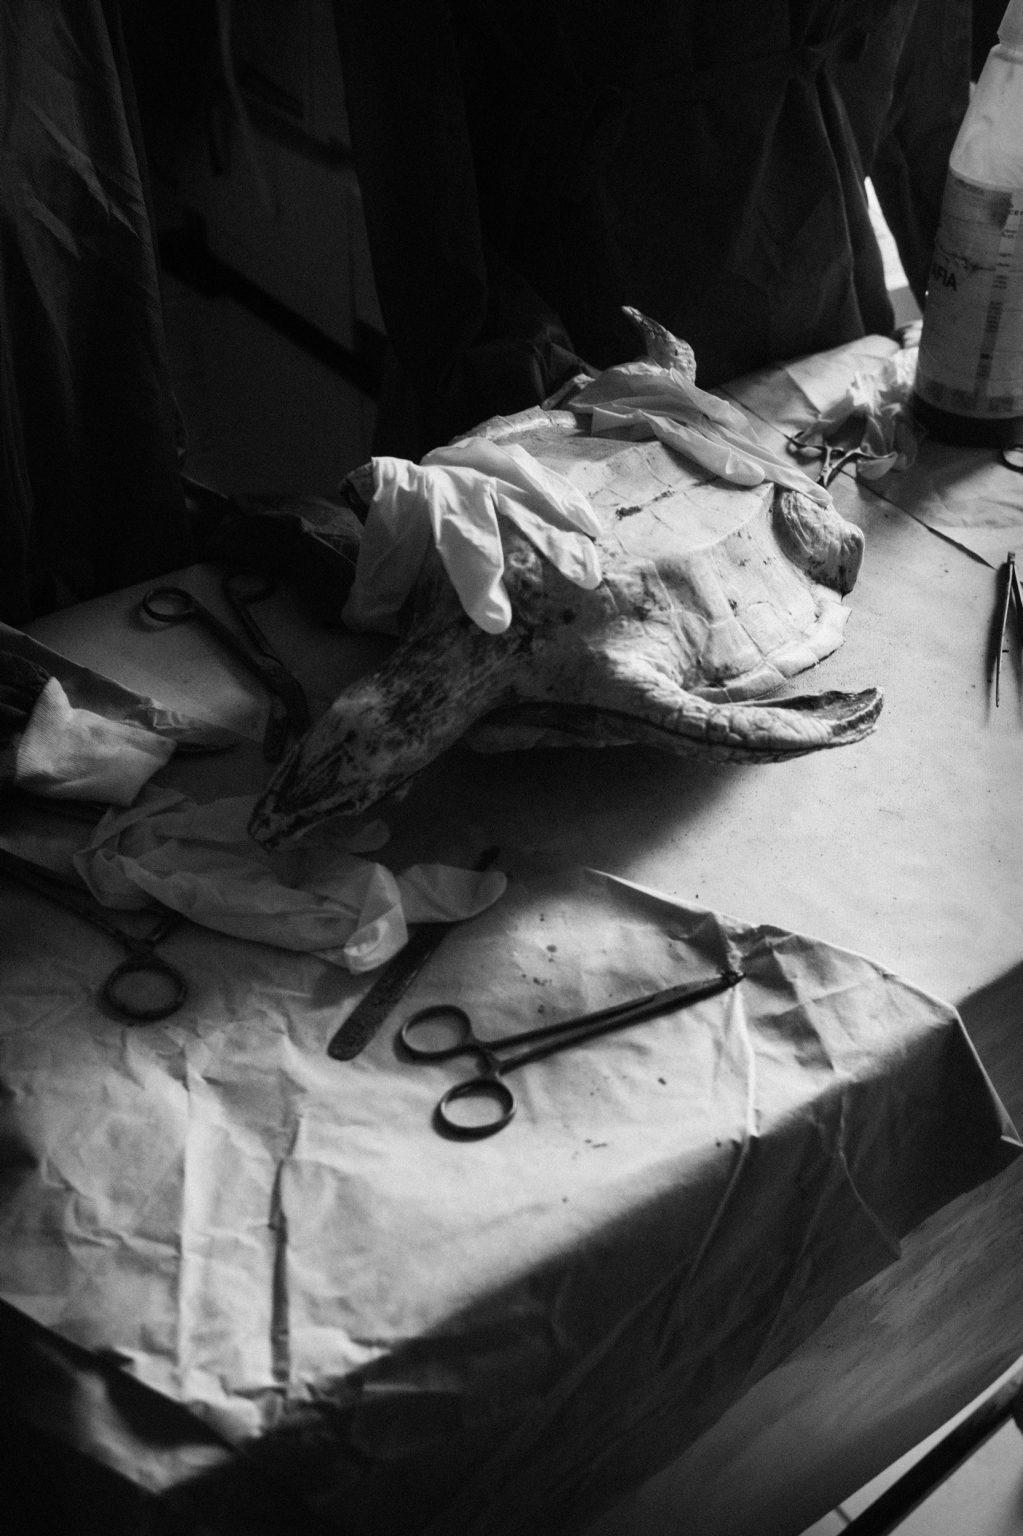 Lampedusa, February 2014-Lampedusa is the southernmost island of Italy, it is small and has only 6,300 inhabitants. Today it is one of the most important gateways to Europe.The inhabitants have been welcoming human beings in search of life for 20 years with great solidarity. They are a small community that has great respect for human dignity and, above all, has shown that peaceful coexistence can be established between human beings. Simple people, but with a soul as deep as its sea, who in the face of despair were not afraid and stretched out their hands.For this reason, the island has been nominated for the NOBEL for peace, a fair recognition for the people of Lampedusa, who have been involved for years in welcoming migrants. Migrant reception center.    Lampedusa, Febbraio 2014-Lampedusa è l'isola più a sud d'Italia, è piccola e conta solo 6.300 abitanti. Oggi è uno dei più importanti accessi all'Europa. Gli abitanti,, da 20 anni accolgono esseri umani in cerca di vita con grande solidarietà . Sono una piccola comunità che ha un grande rispetto per la dignità umana e, soprattutto,  ha dimostrato che tra essere umani si può attuare una convivenza pacifica. Persone semplici, ma con un animo profondo come il suo mare, che di fronte alla disperazione non hanno avuto paura ed hanno teso le  mani. Per questo, l'isola, è stata candidata al NOBEL per la pace, un giusto riconoscimento per la gente di Lampedusa, impegnata da anni nell'accoglienza di migranti. Centro accoglienza migranti.